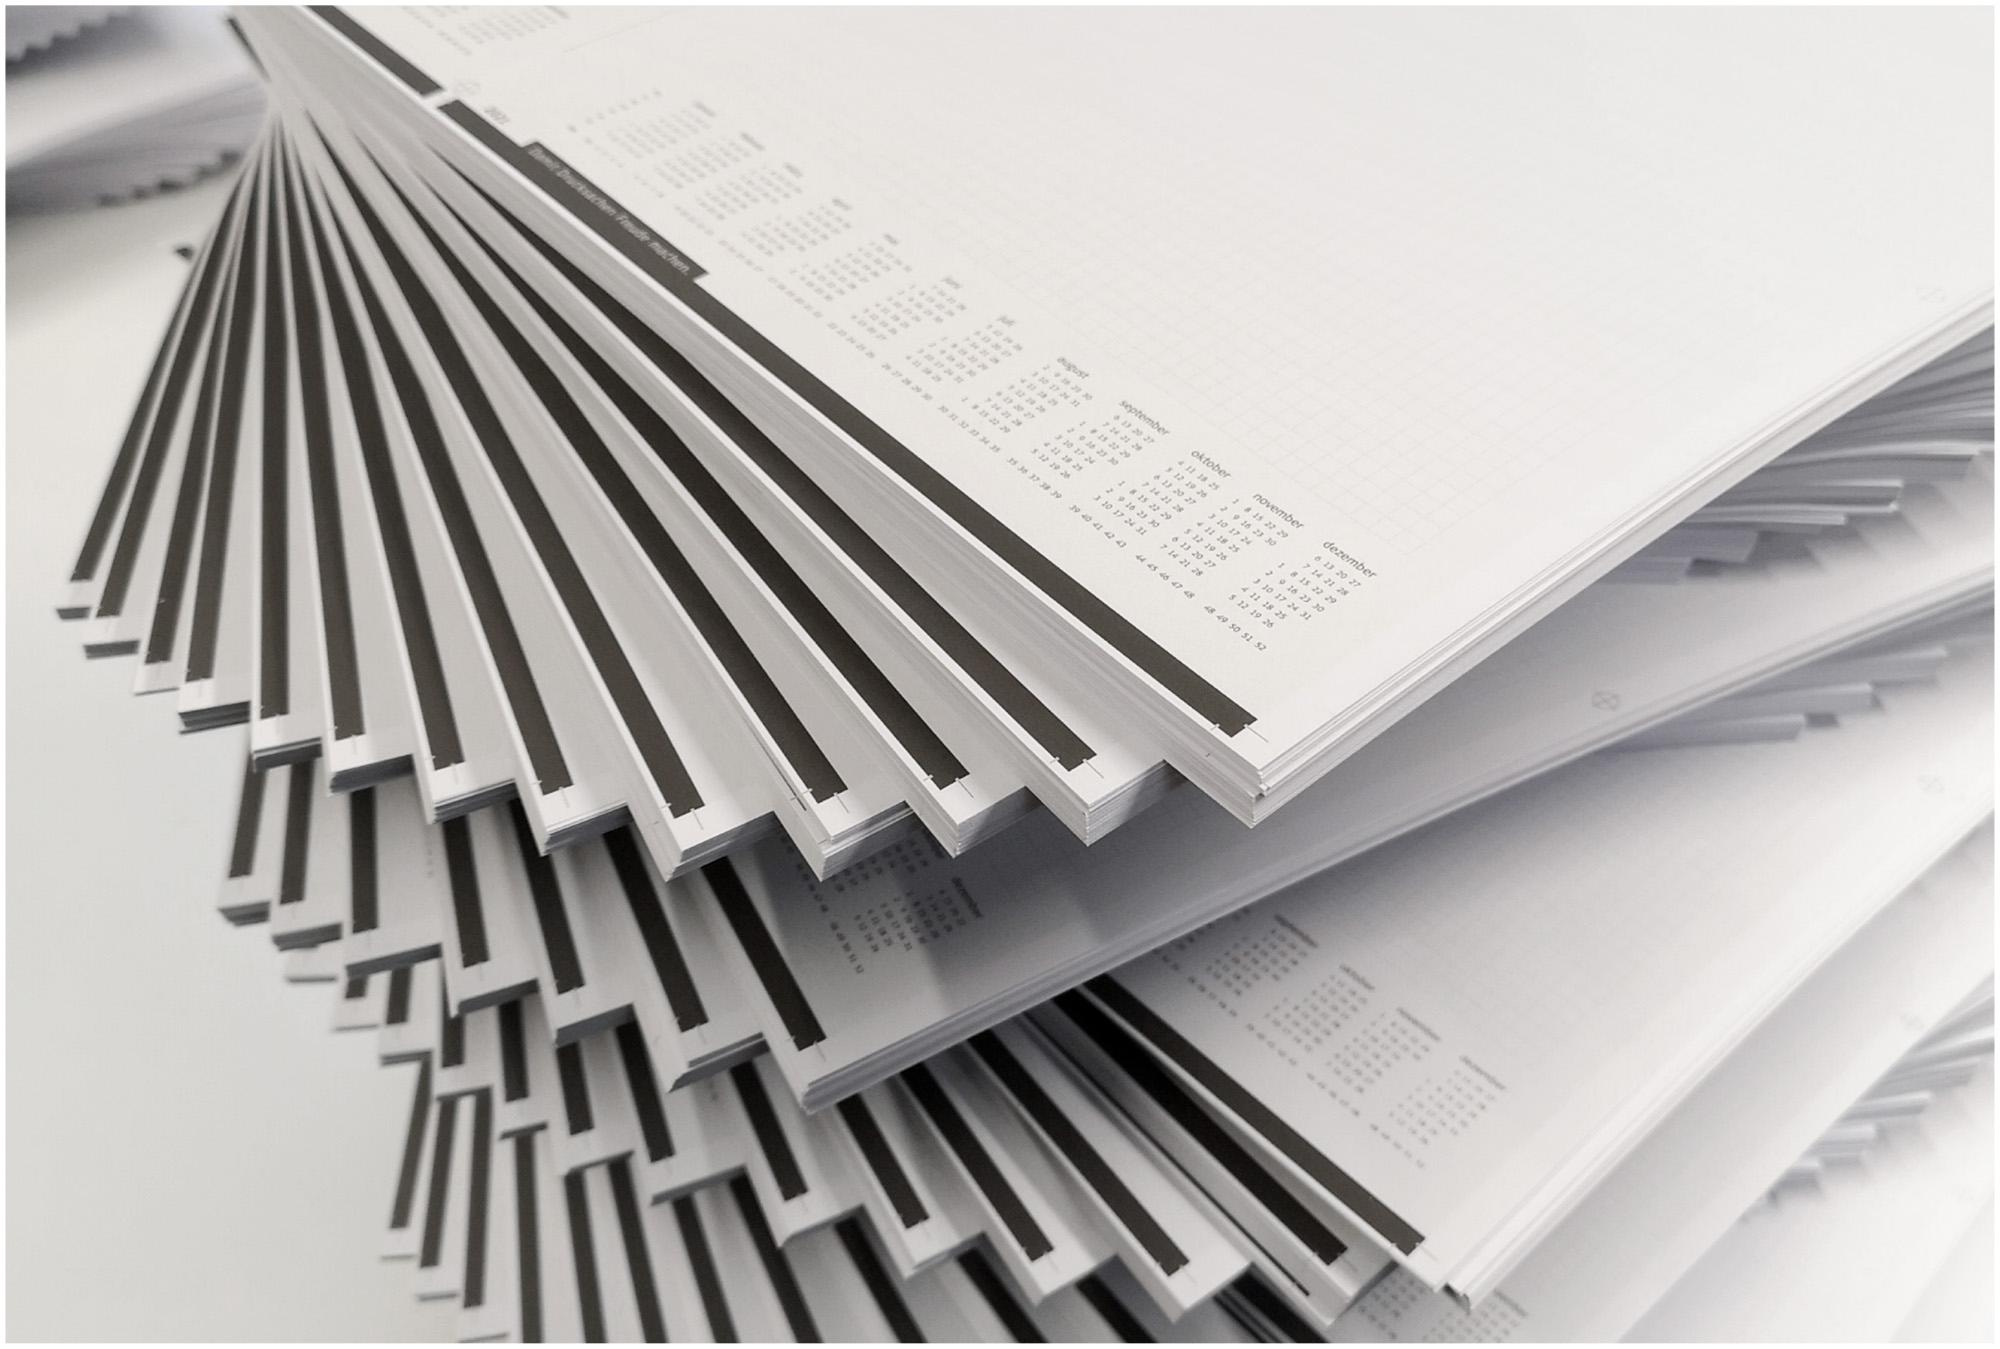 Schreibblocks zu 50 Blatt Abstechen